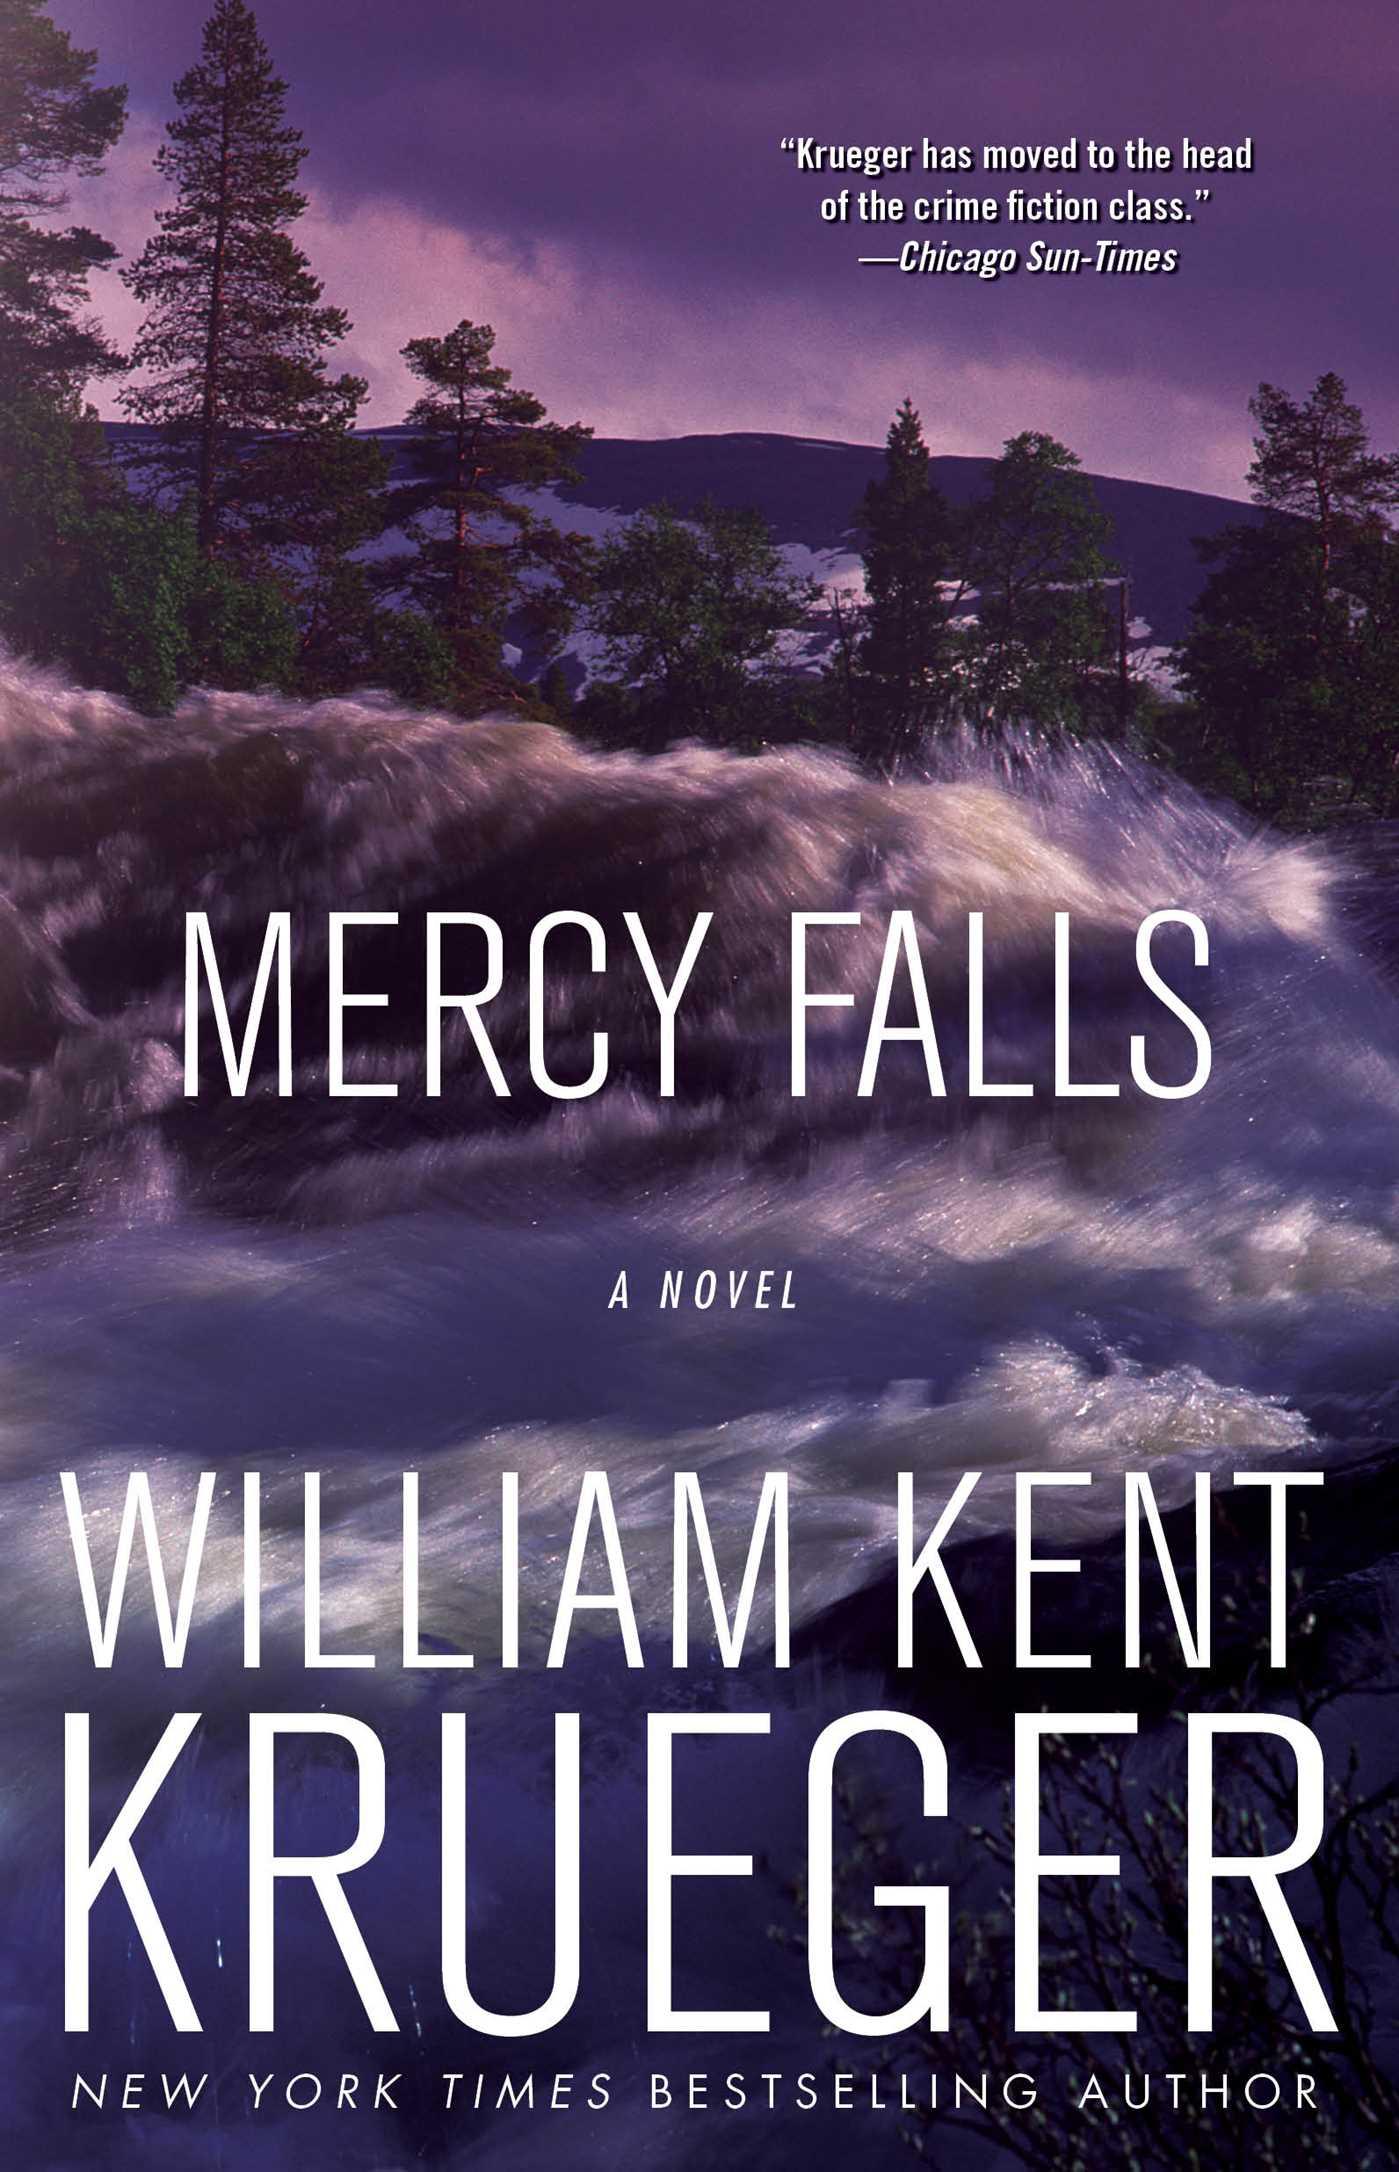 Mercy falls 9781416510413 hr